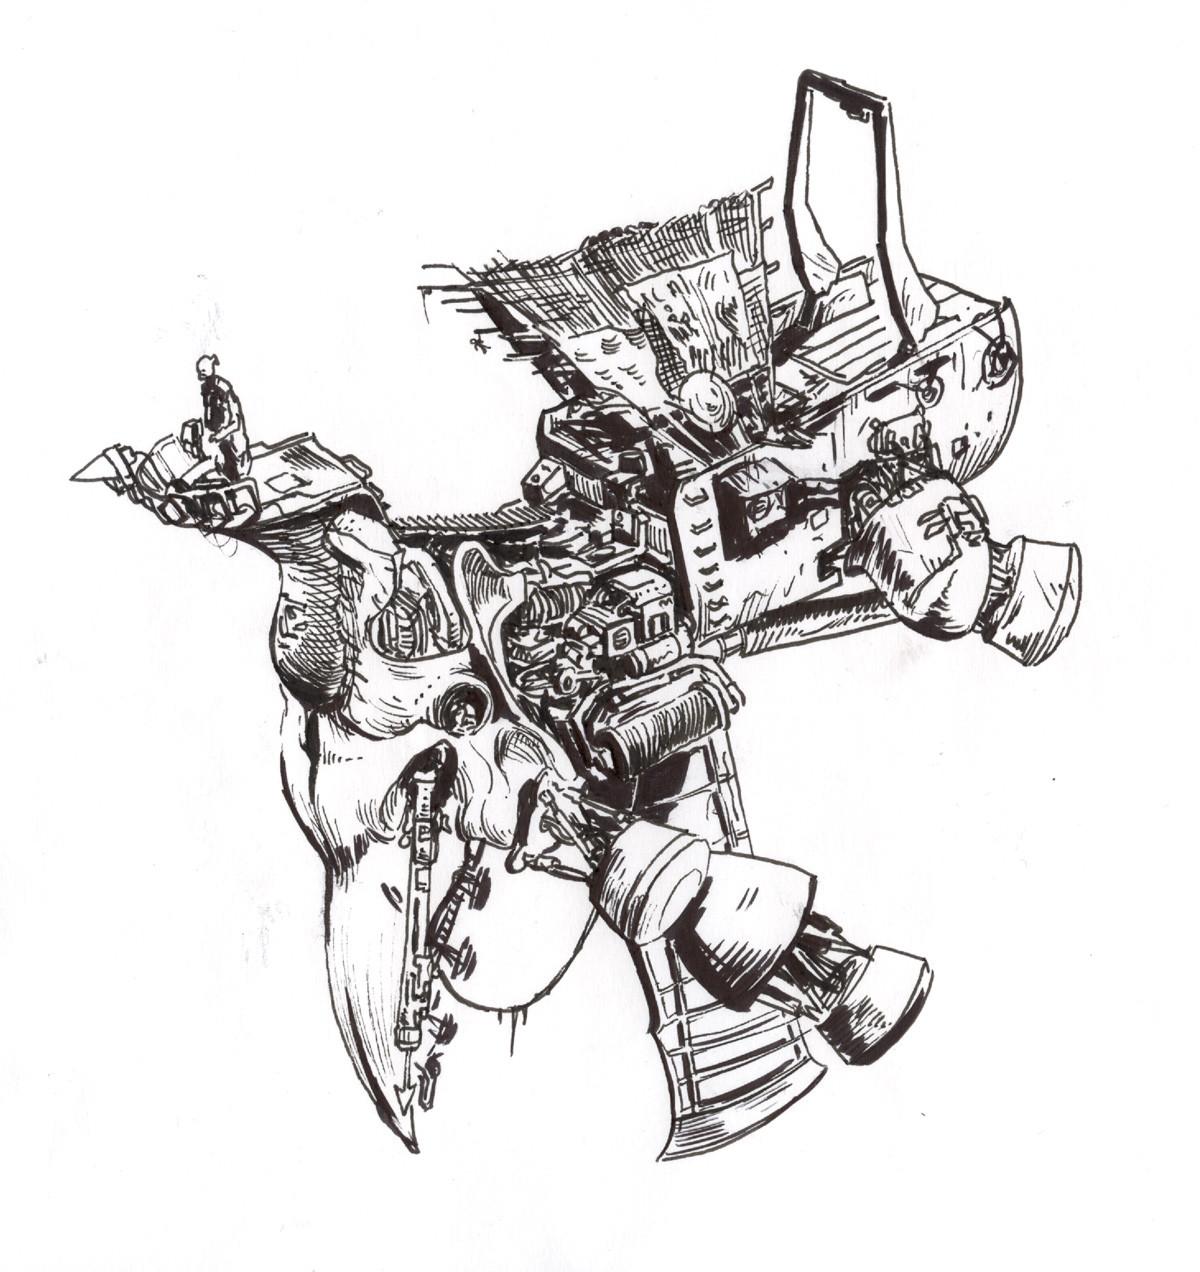 Dirk wachsmuth 02 ink sketch 01